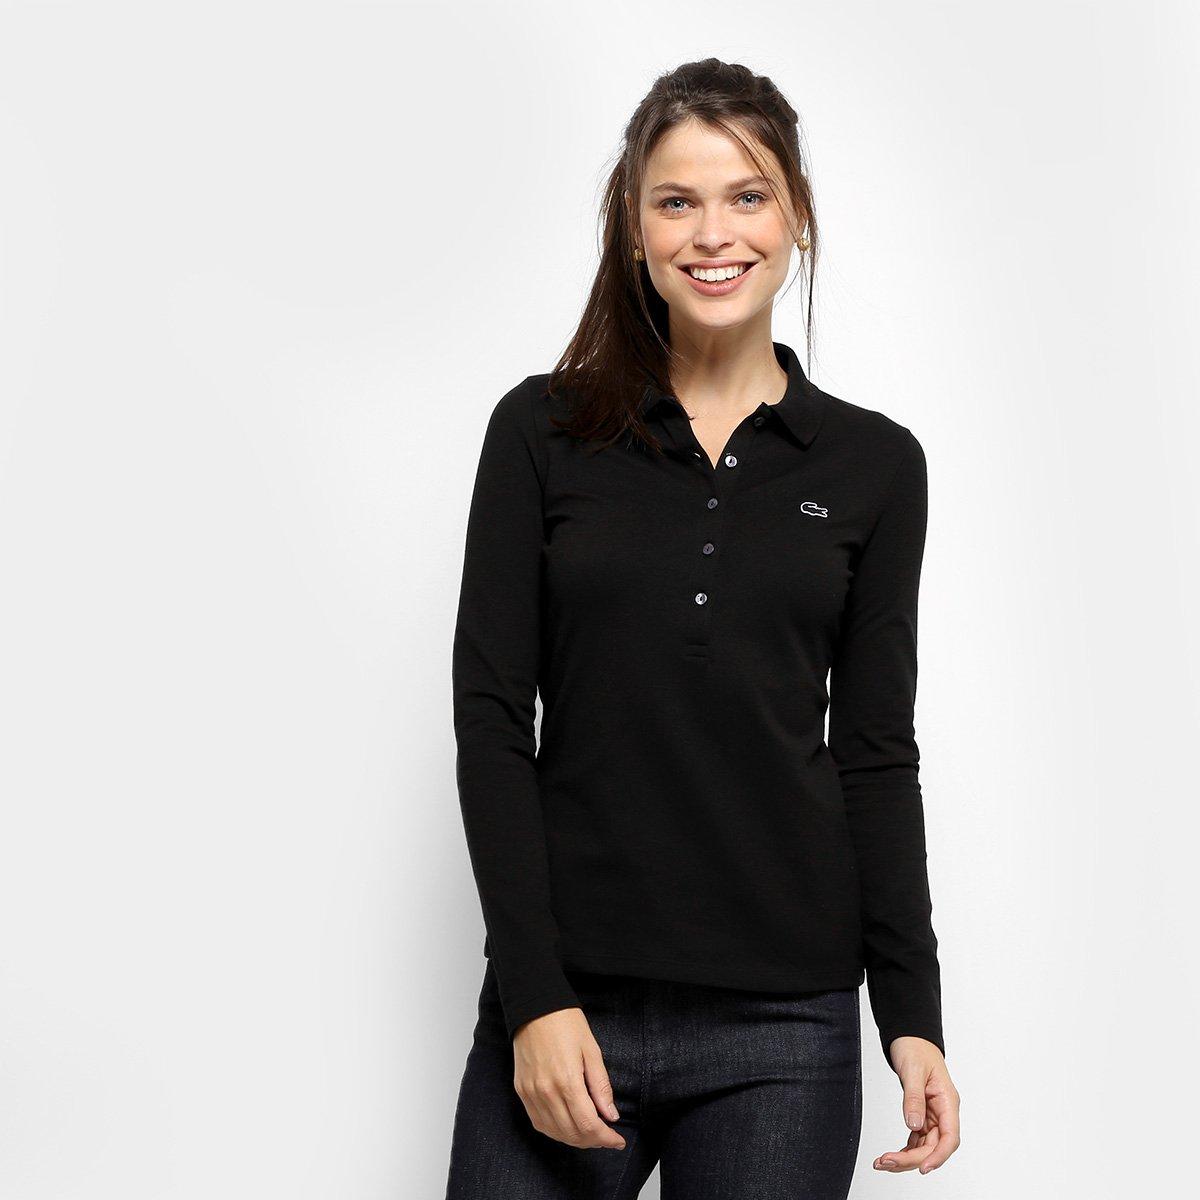 Camisa Polo Lacoste Manga Longa Botões Feminina - Compre Agora  18e386adab256